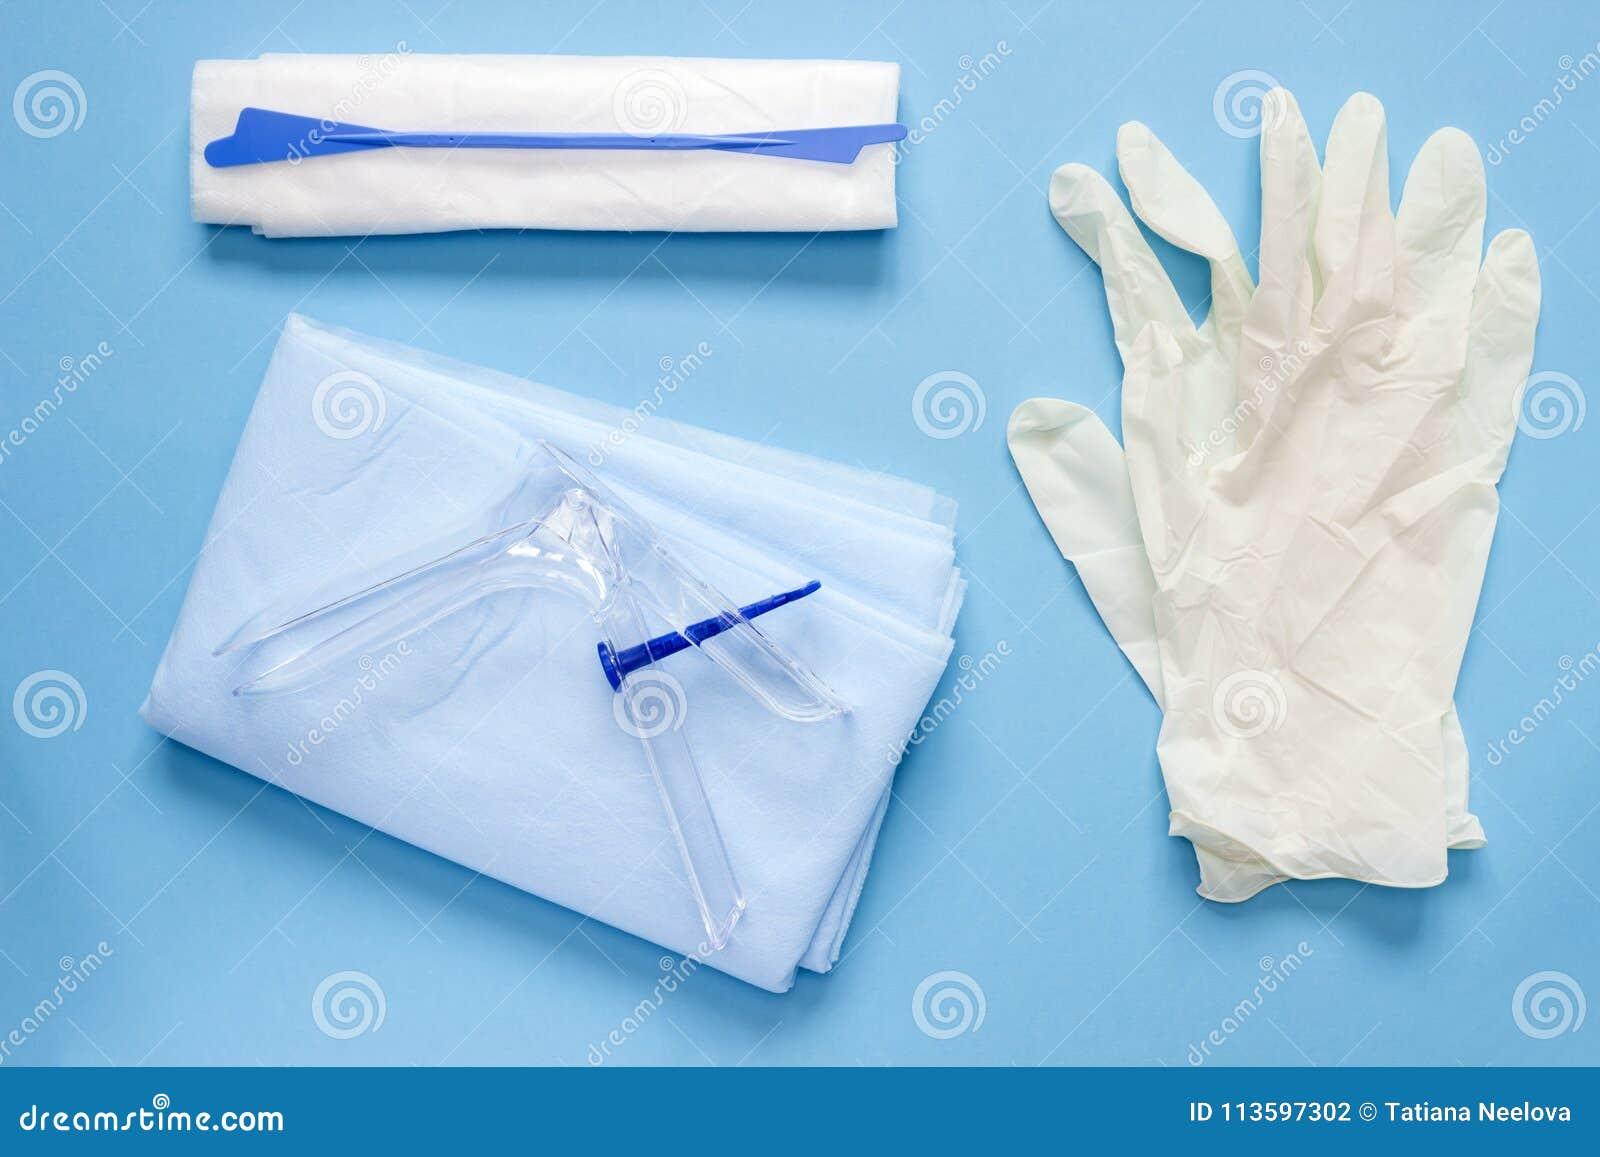 Ett över huvudet foto av den vaginal speculumen, servetten, medicinhandskarna och spateln De medicinska hjälpmedlen för att rymma